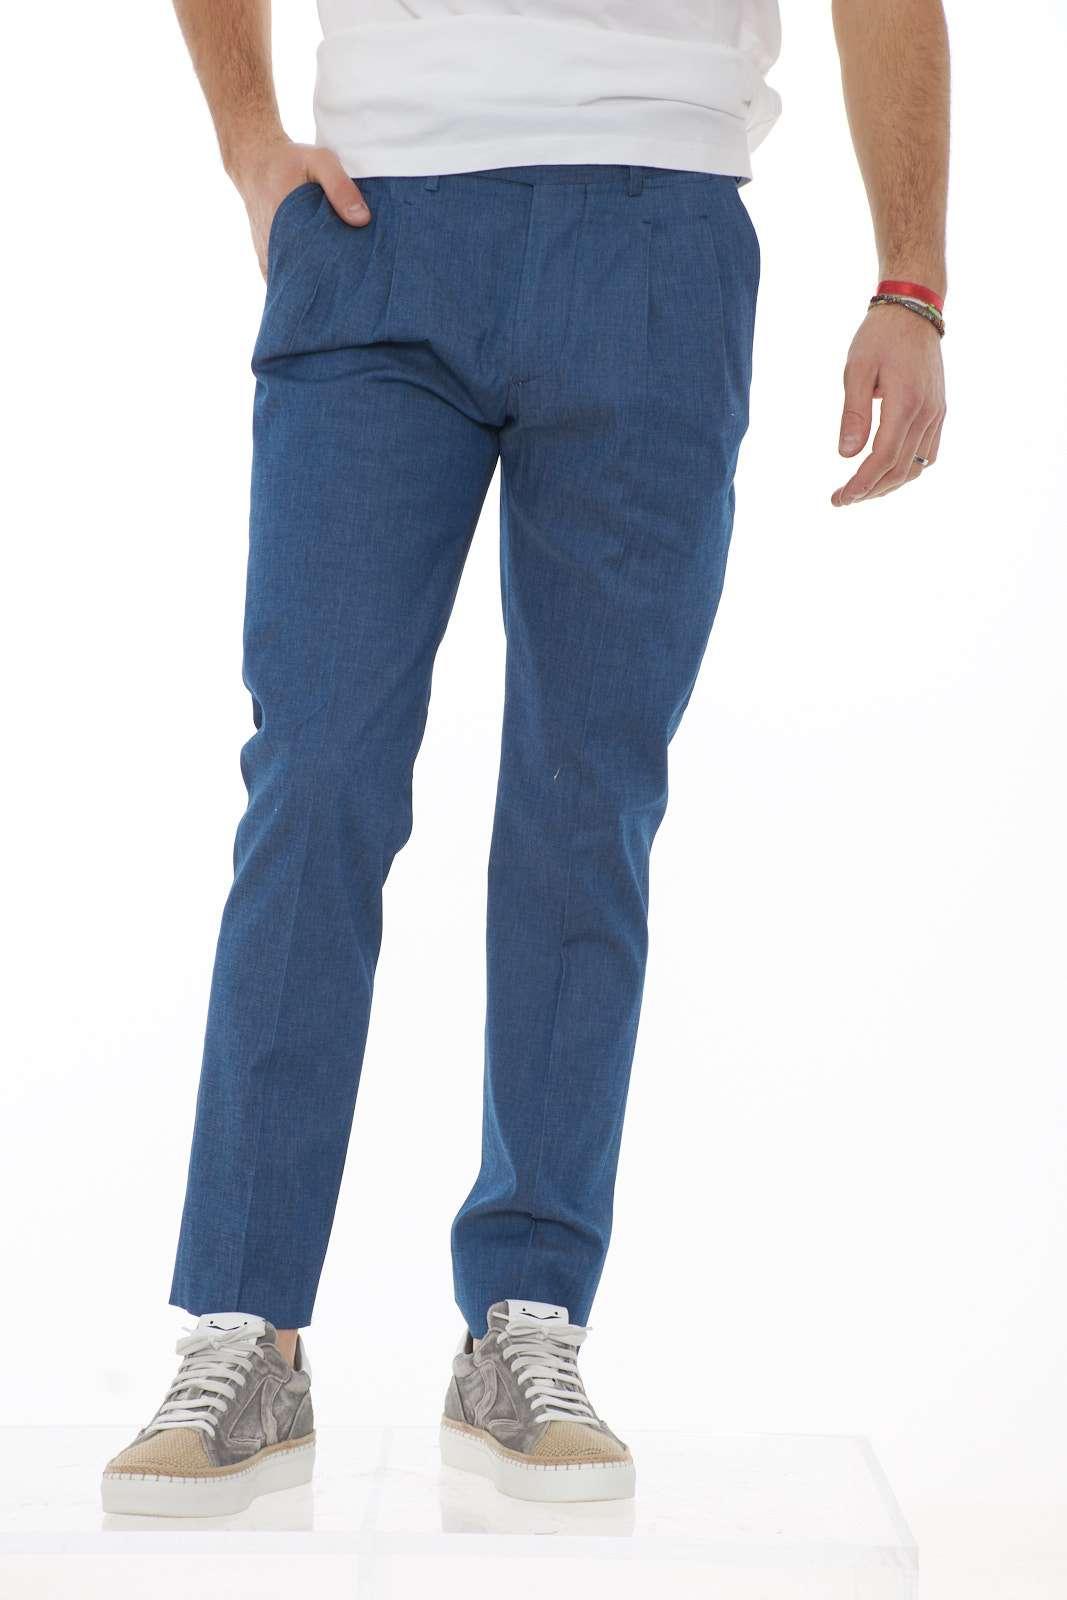 Eleganti e chic i nuovi pantaloni uomo firmati dalla collezione primavera estate Entre Amis. Il lavaggio dall'effetto jeans riscopre un look raffinato e corredato da tasche a filo e pinces. da abbinare con camicie per le occasioni più formali.  Il modello è alto 1.80 e indossa la taglia 32